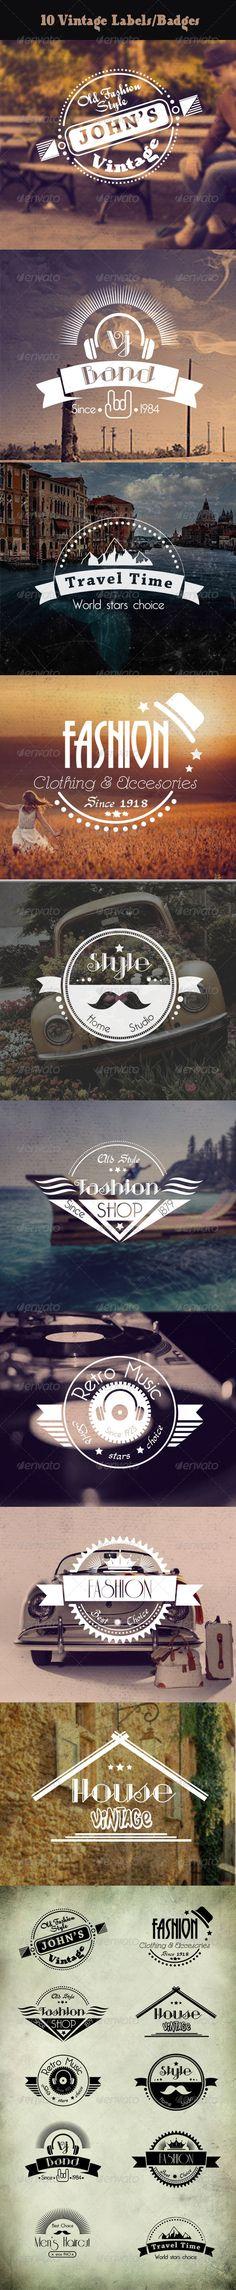 Vintage Labels and Badges  http://graphicriver.net/item/vintage-labels-and-badges/7470846?WT.ac=portfolio&WT.seg_1=portfolio&WT.z_author=danaco